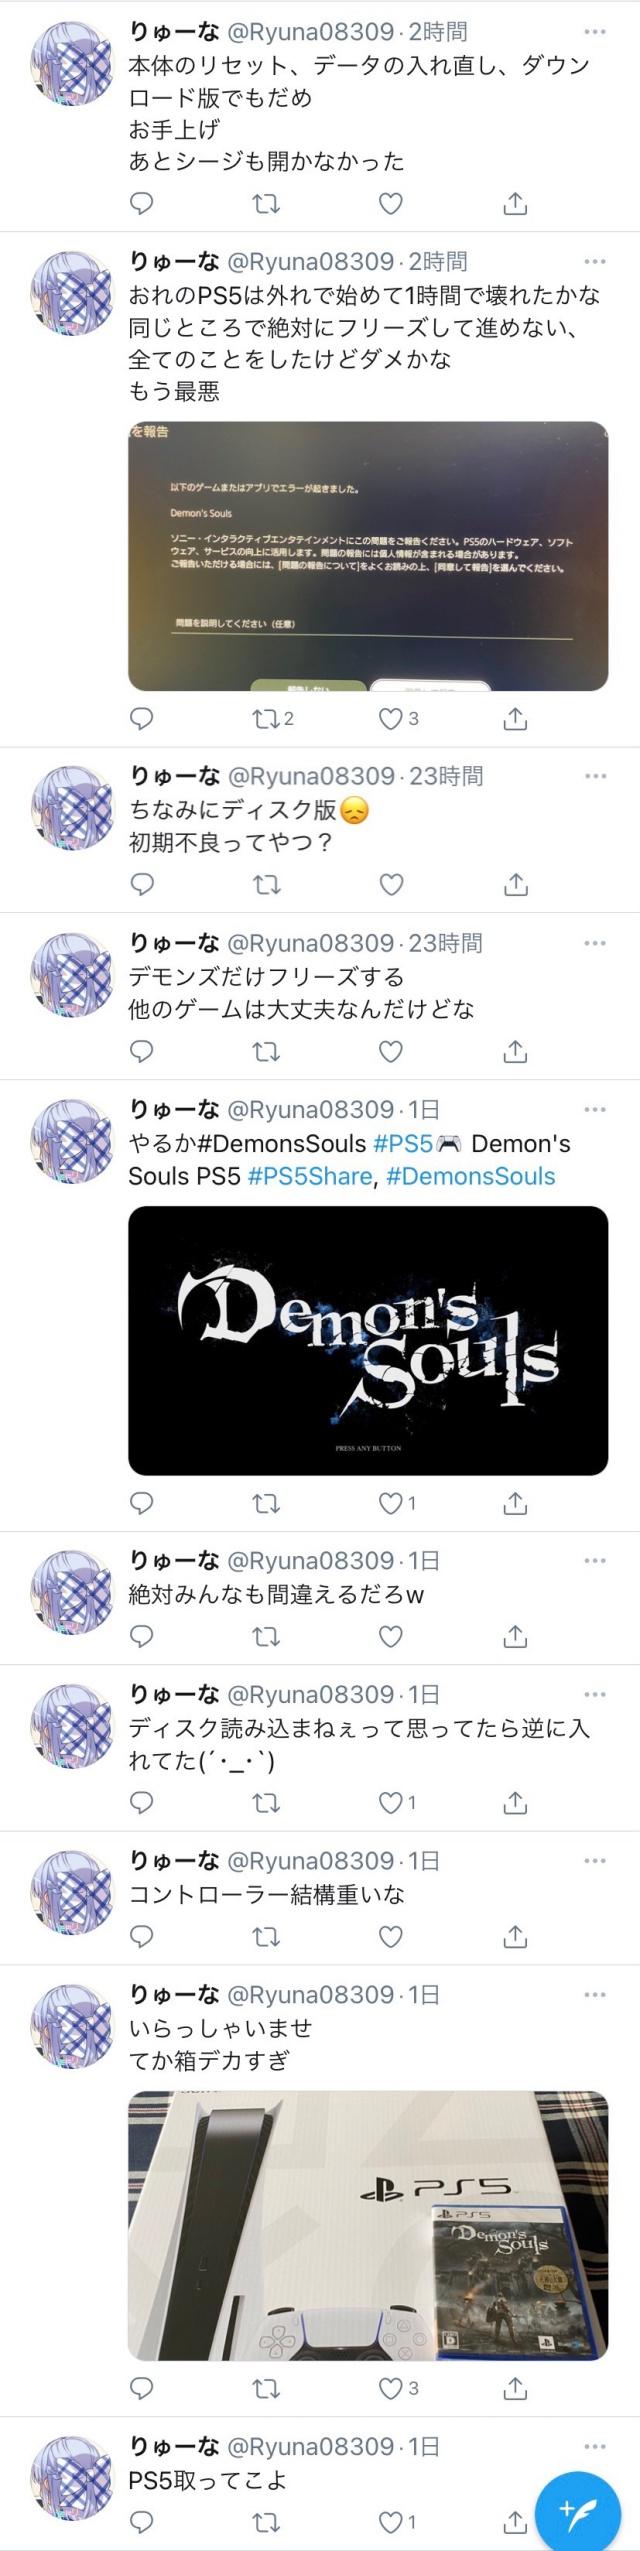 【悲報】PS5さん、プレイ中に続々とクラッシュしプレイ不能へ…